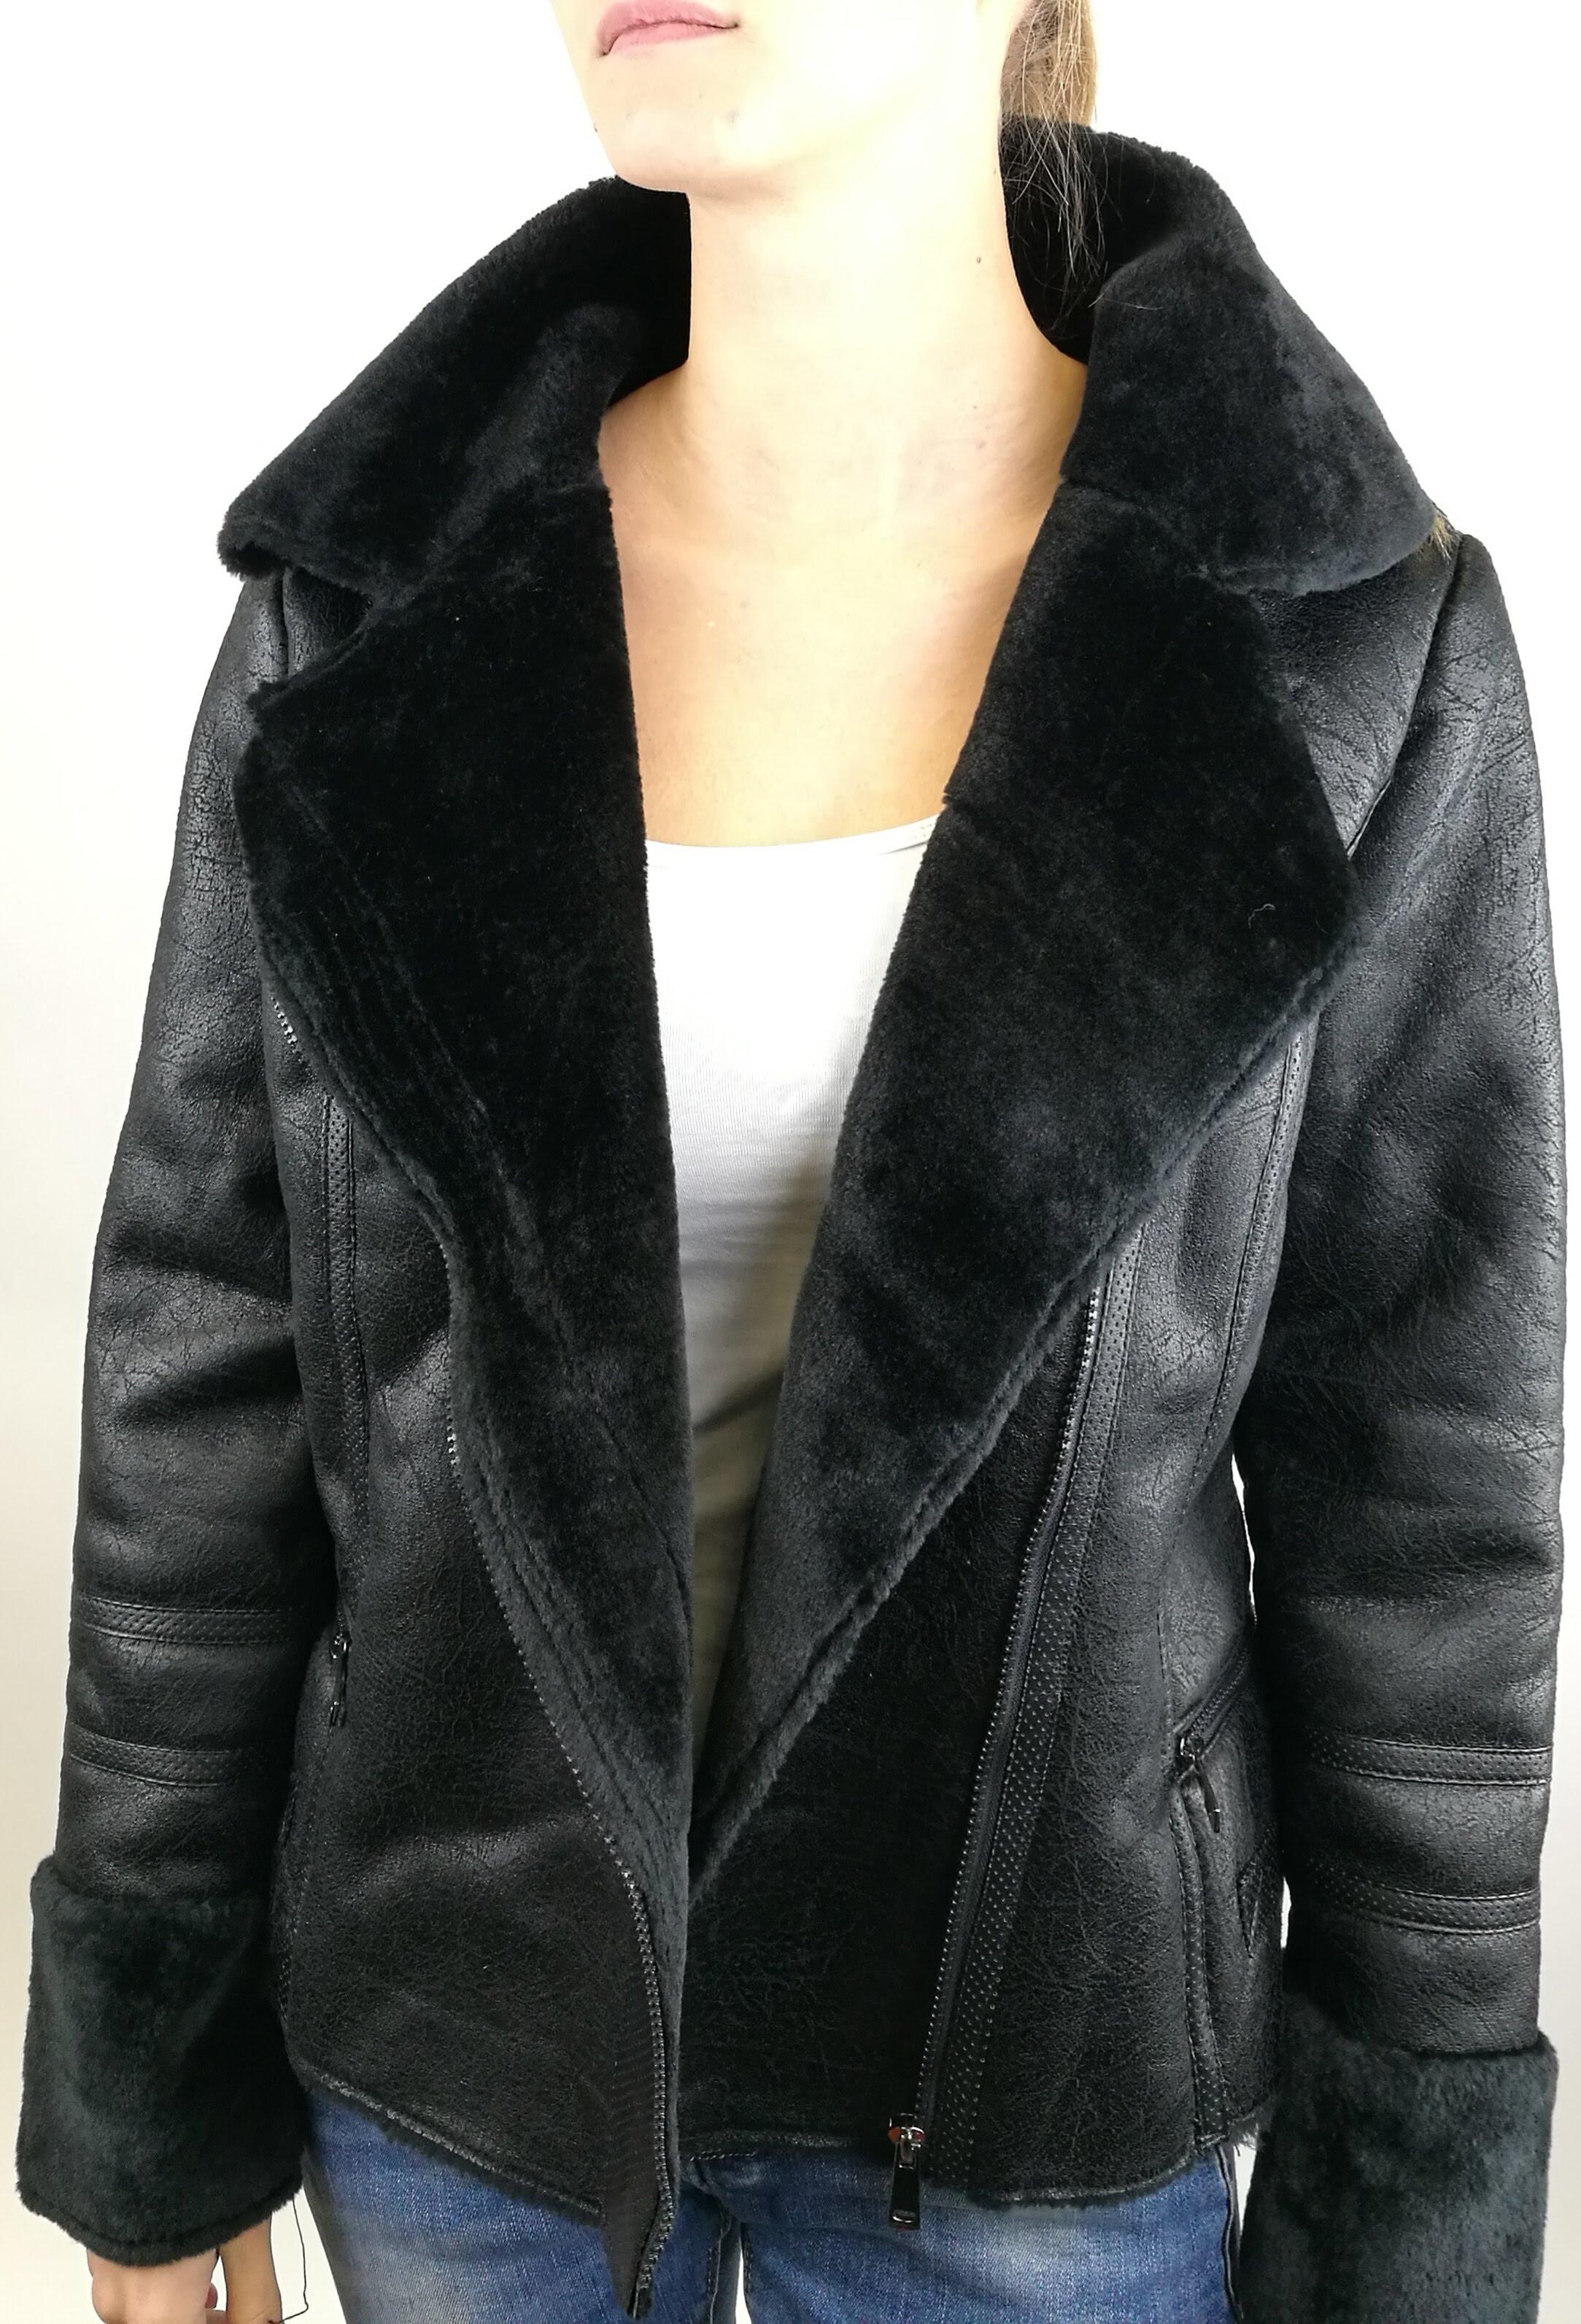 2477c777b3d3 Čierna koženková Čierna zateplená koženková bunda. bunda zateplená.